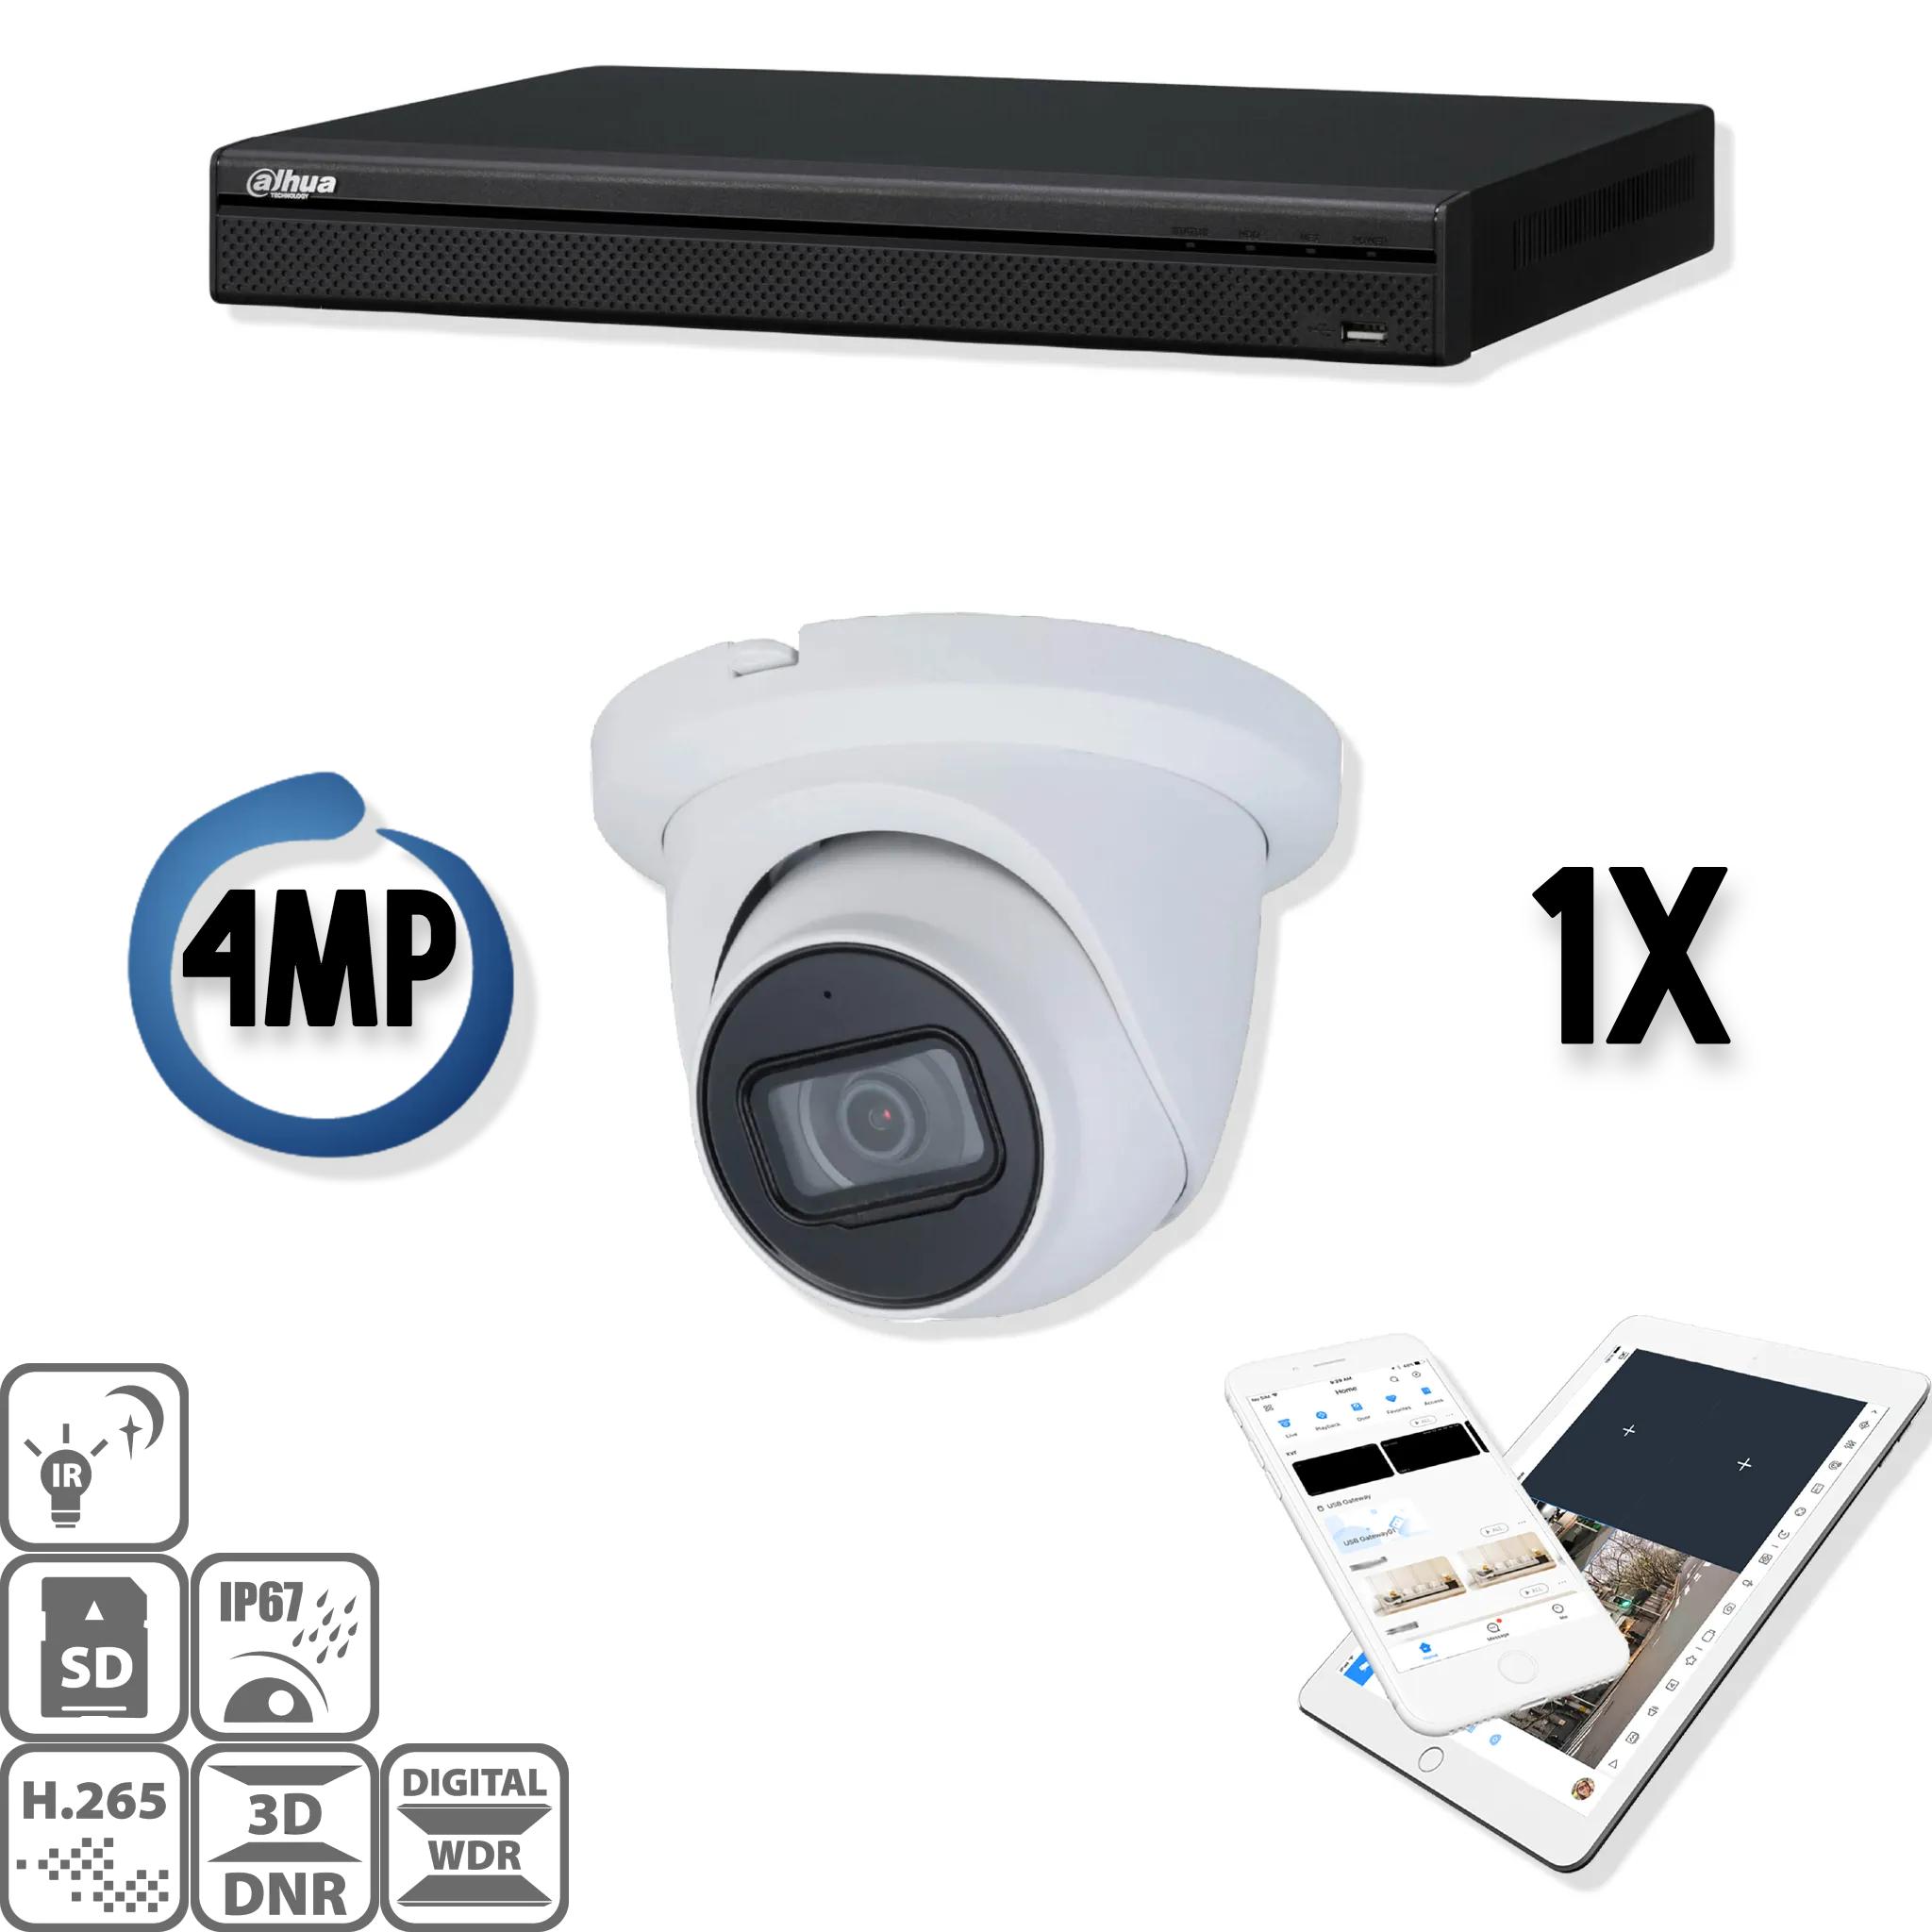 Ein Set mit einer speziellen Kamera mit besonders guter Nachtsicht! Getrenntes Infrarot, also keine Probleme mehr mit Infrarotreflexion von schmutzigem Glas! Das Dahua IP-Kit 1x Eyball 4MP Full HD-Sicherheitsset enthält 1 IP-Augapfelkamera.